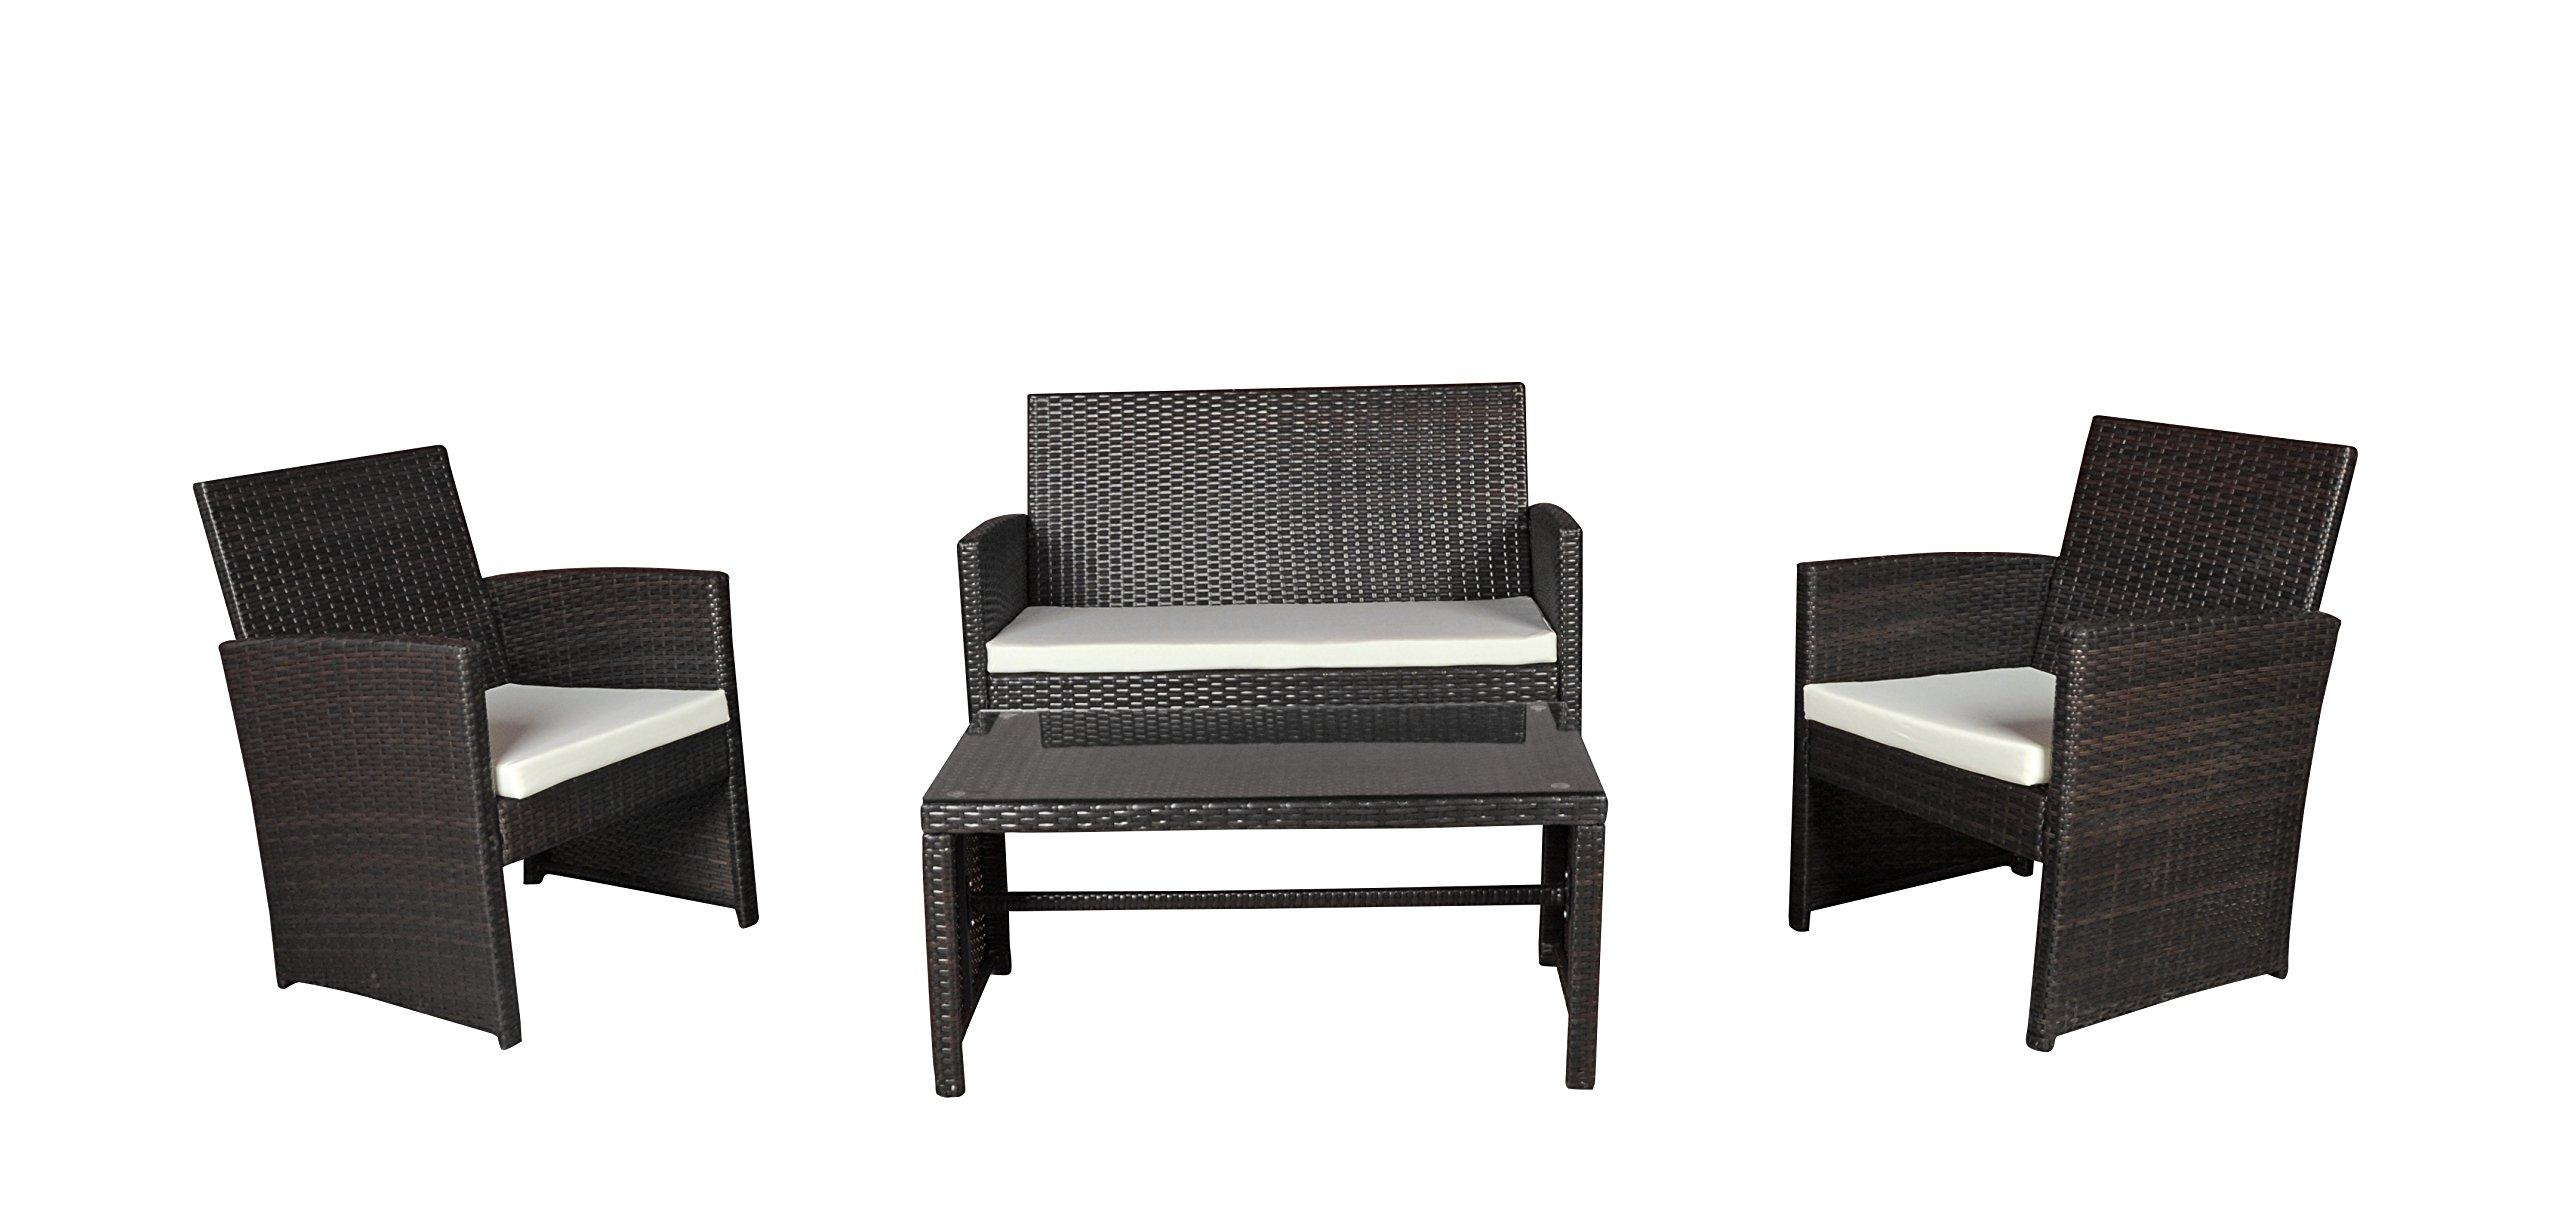 Modern Outdoor Garden, Patio 4 Piece Seat - Wicker Sofa Furniture Set (Brown)